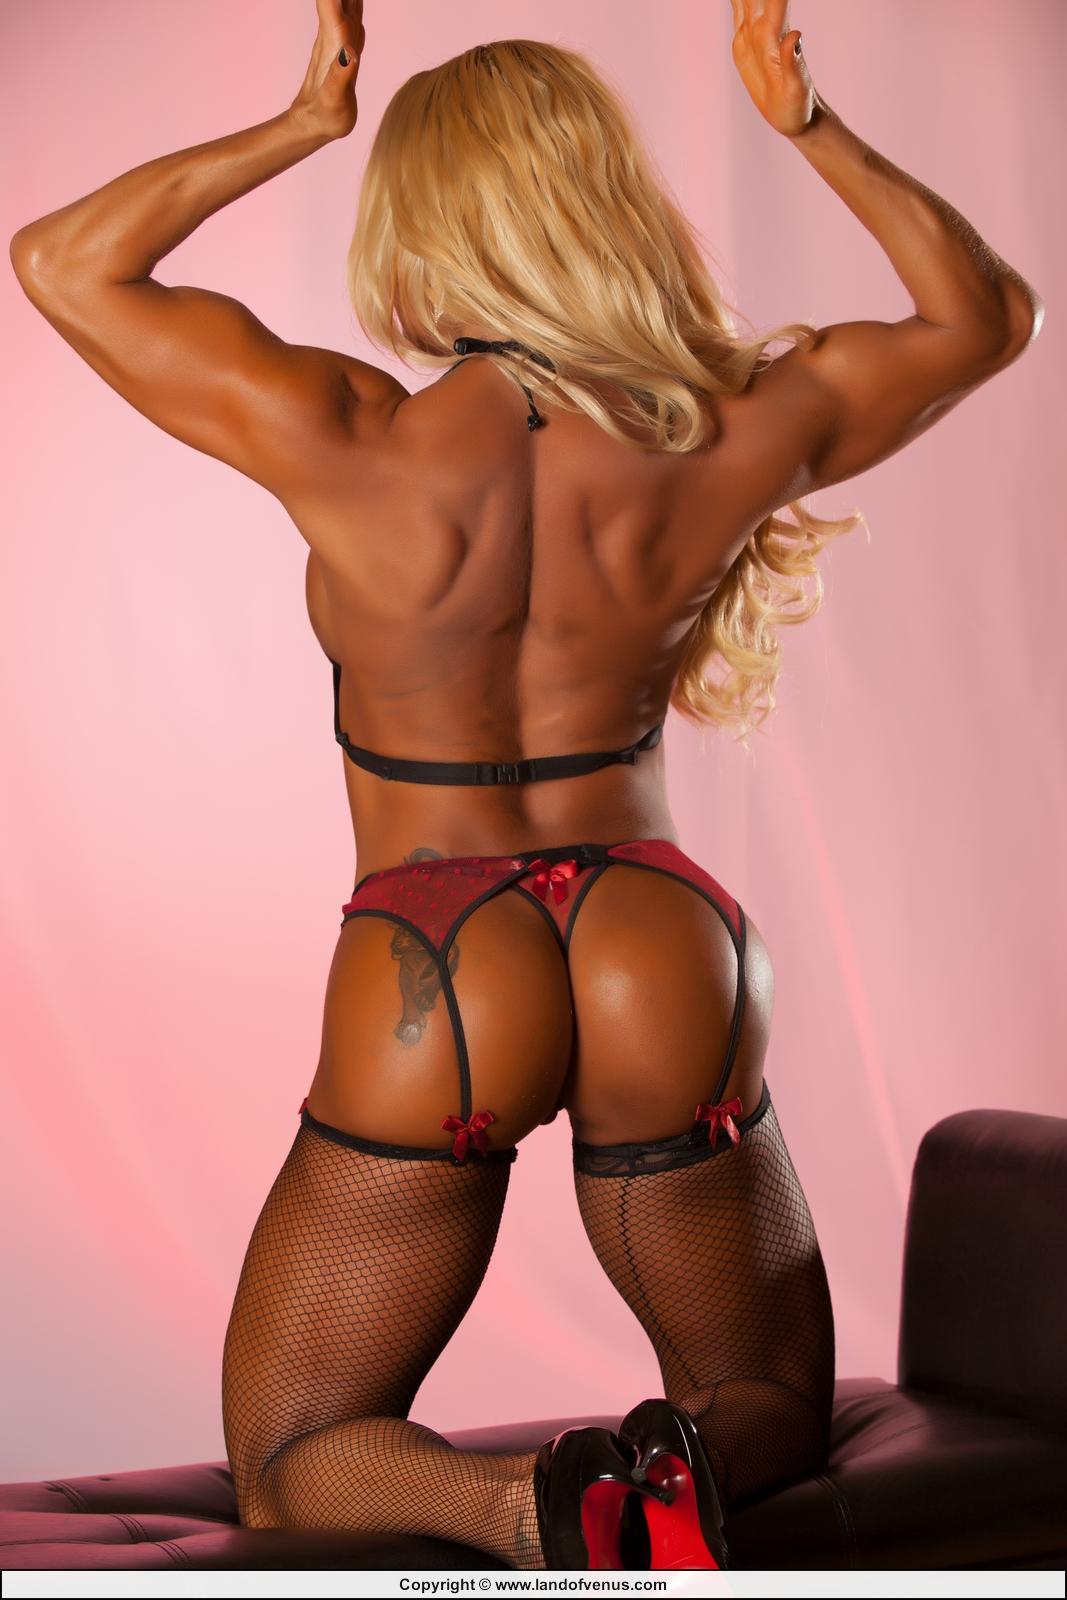 nude bodybuilder Flavia crisos